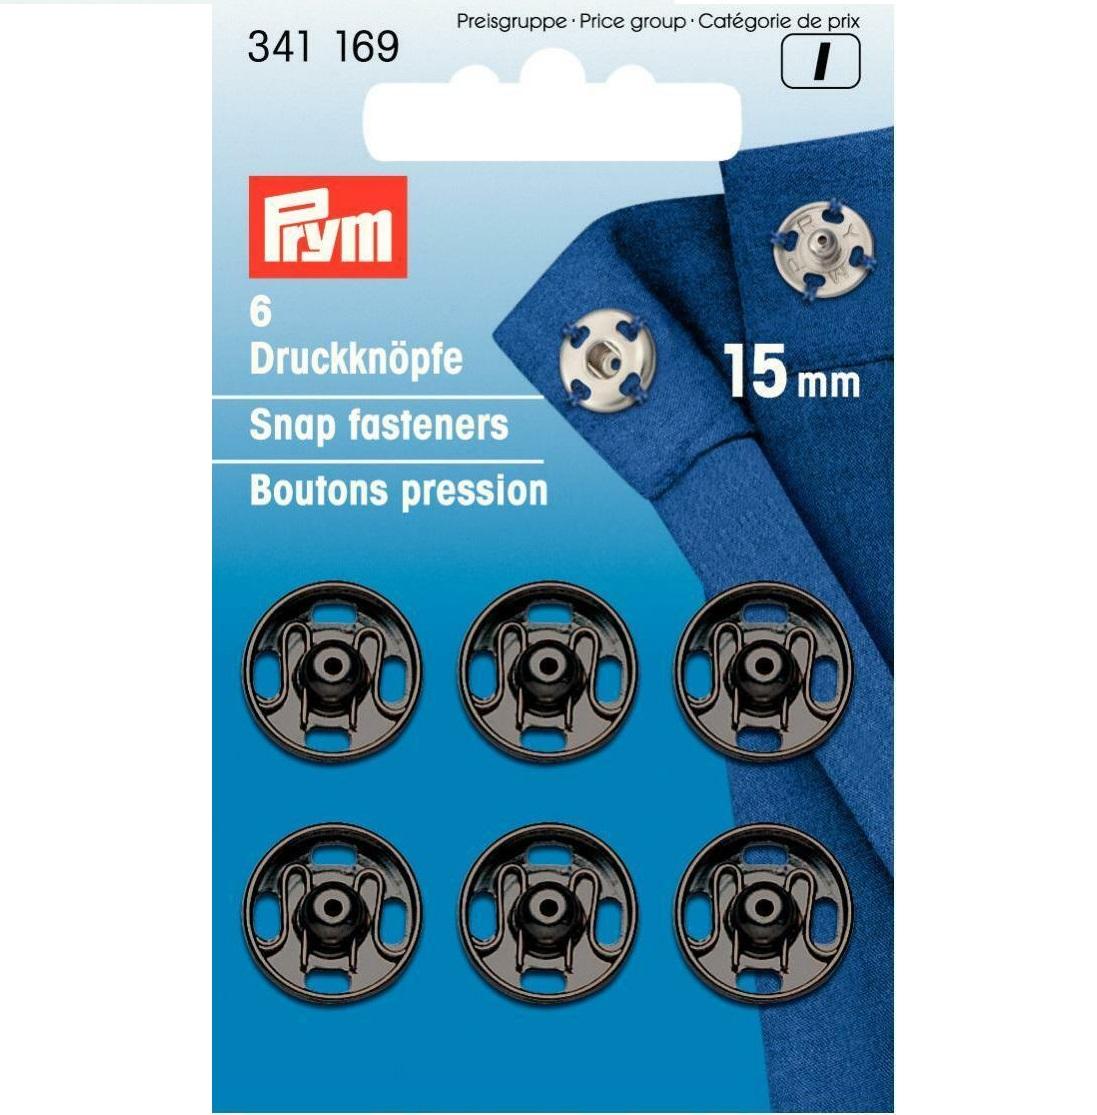 Druckknöpfe, schwarz, 6 Stück, 15 mm, Prym - Art. 341169